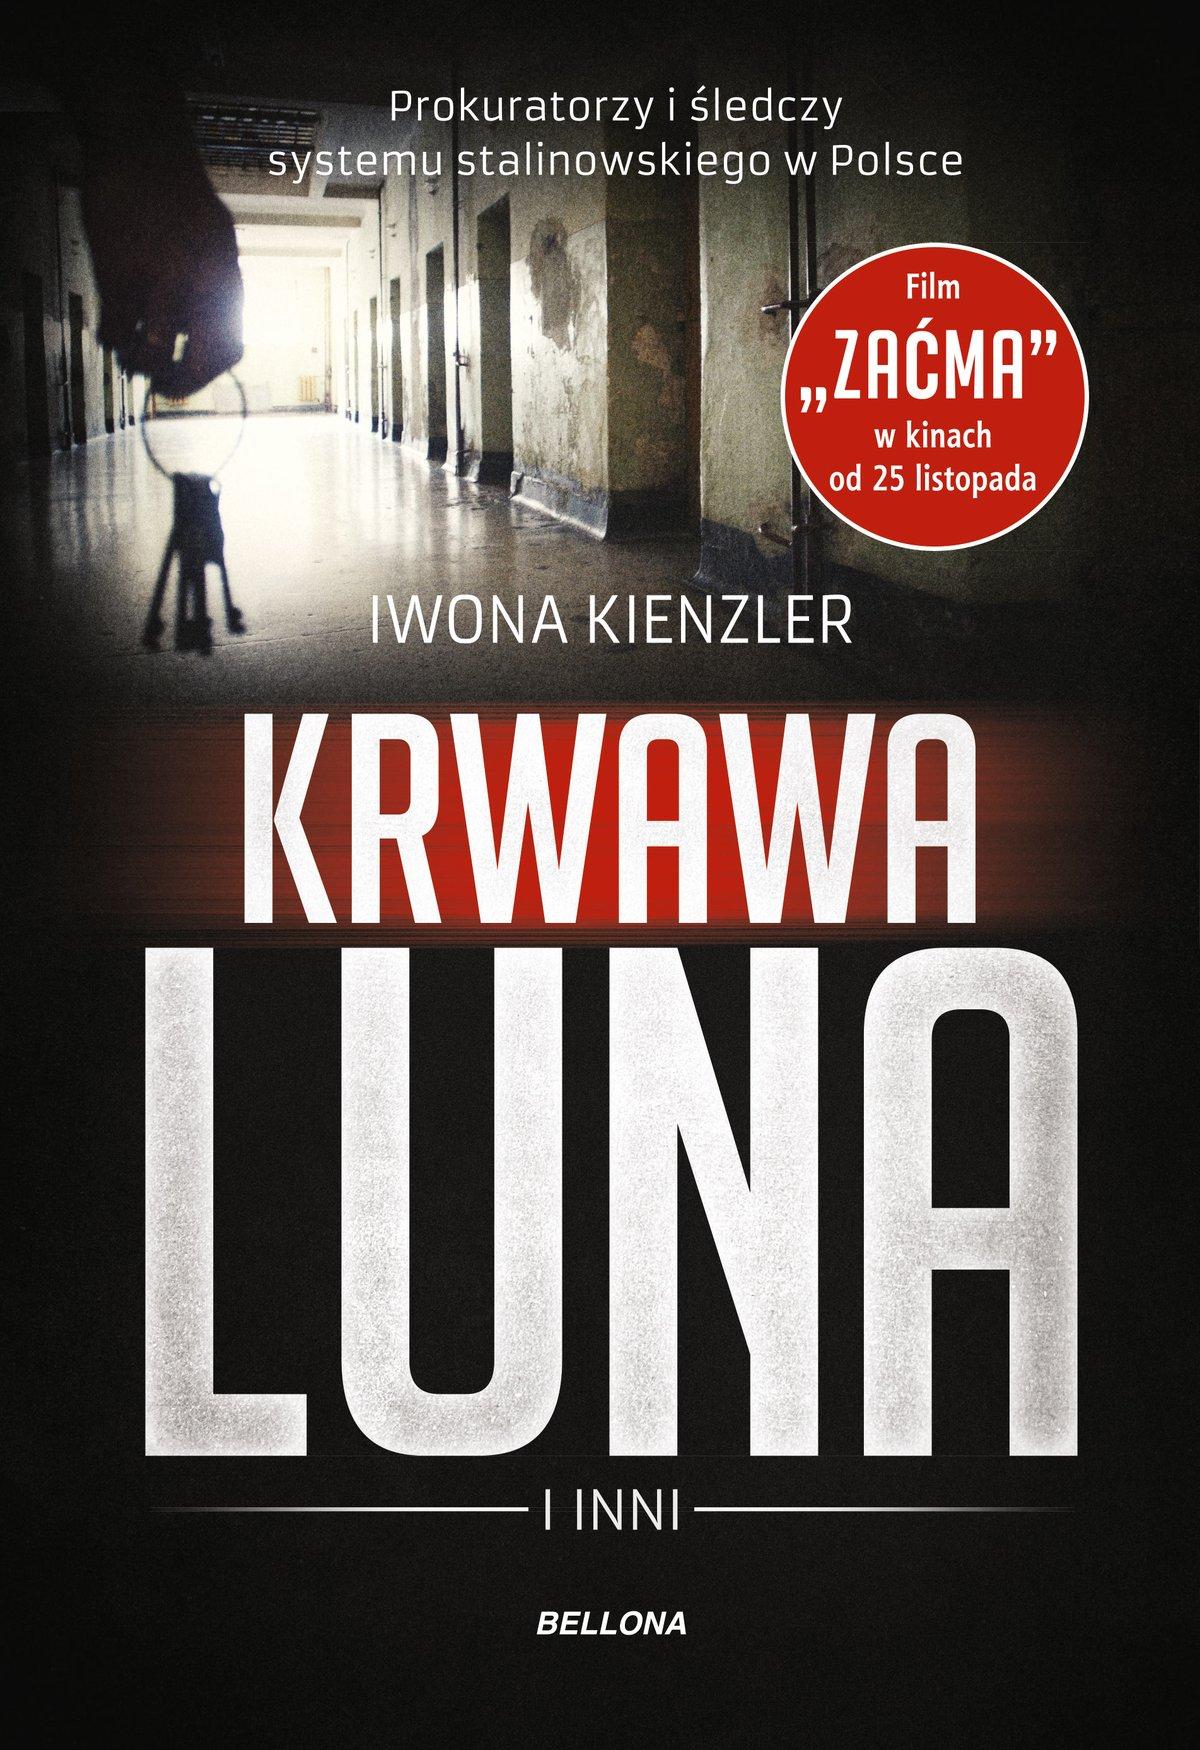 Krwawa Luna i inni. Prokuratorzy i śledczy systemu stalinowskiego w Polsce - Ebook (Książka EPUB) do pobrania w formacie EPUB